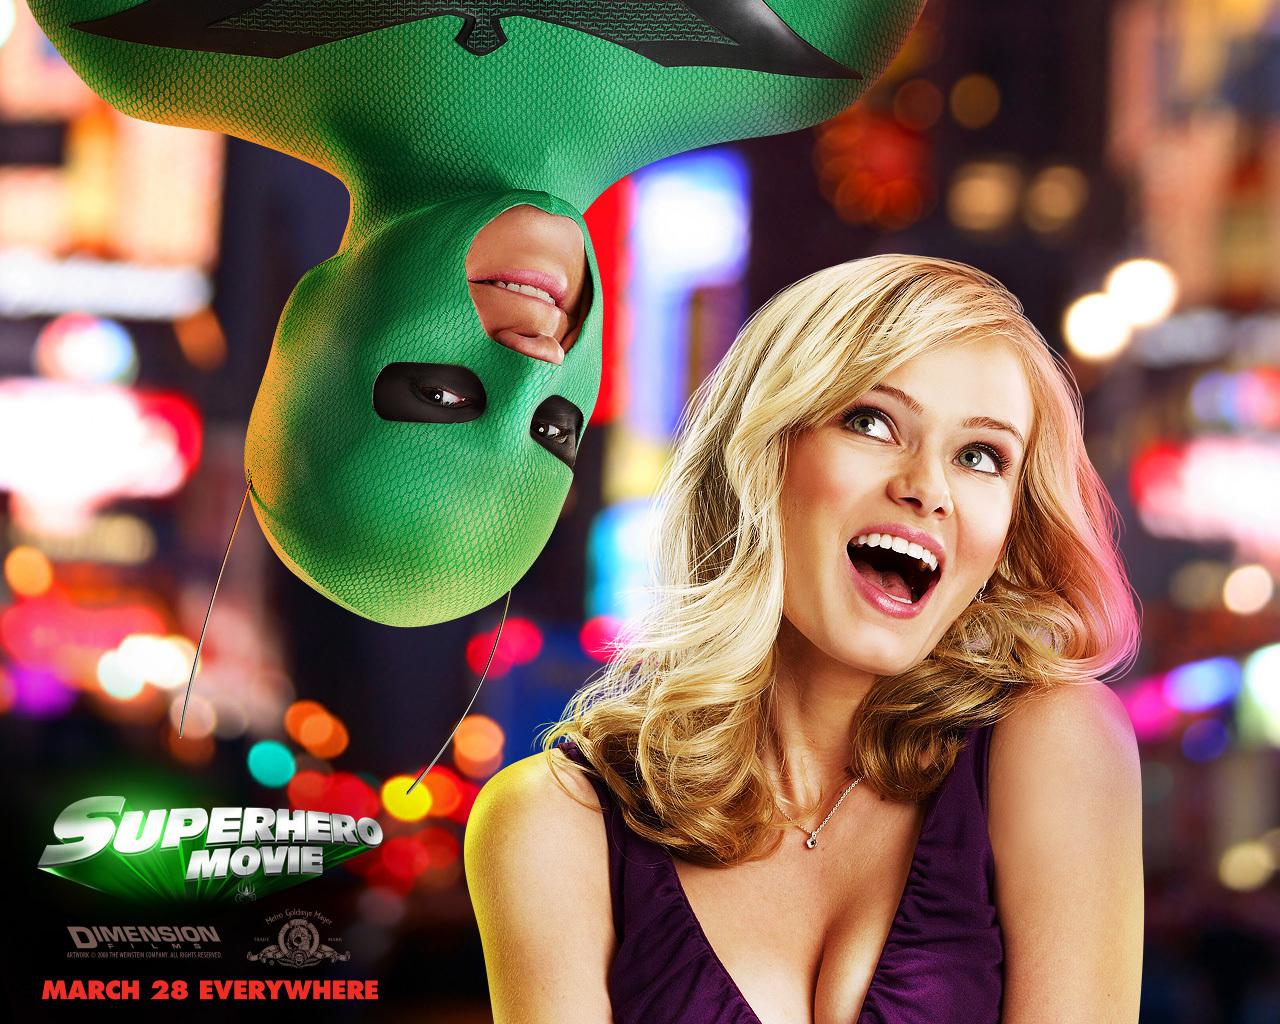 Superhero Movie   Movies Wallpaper 910345 1280x1024